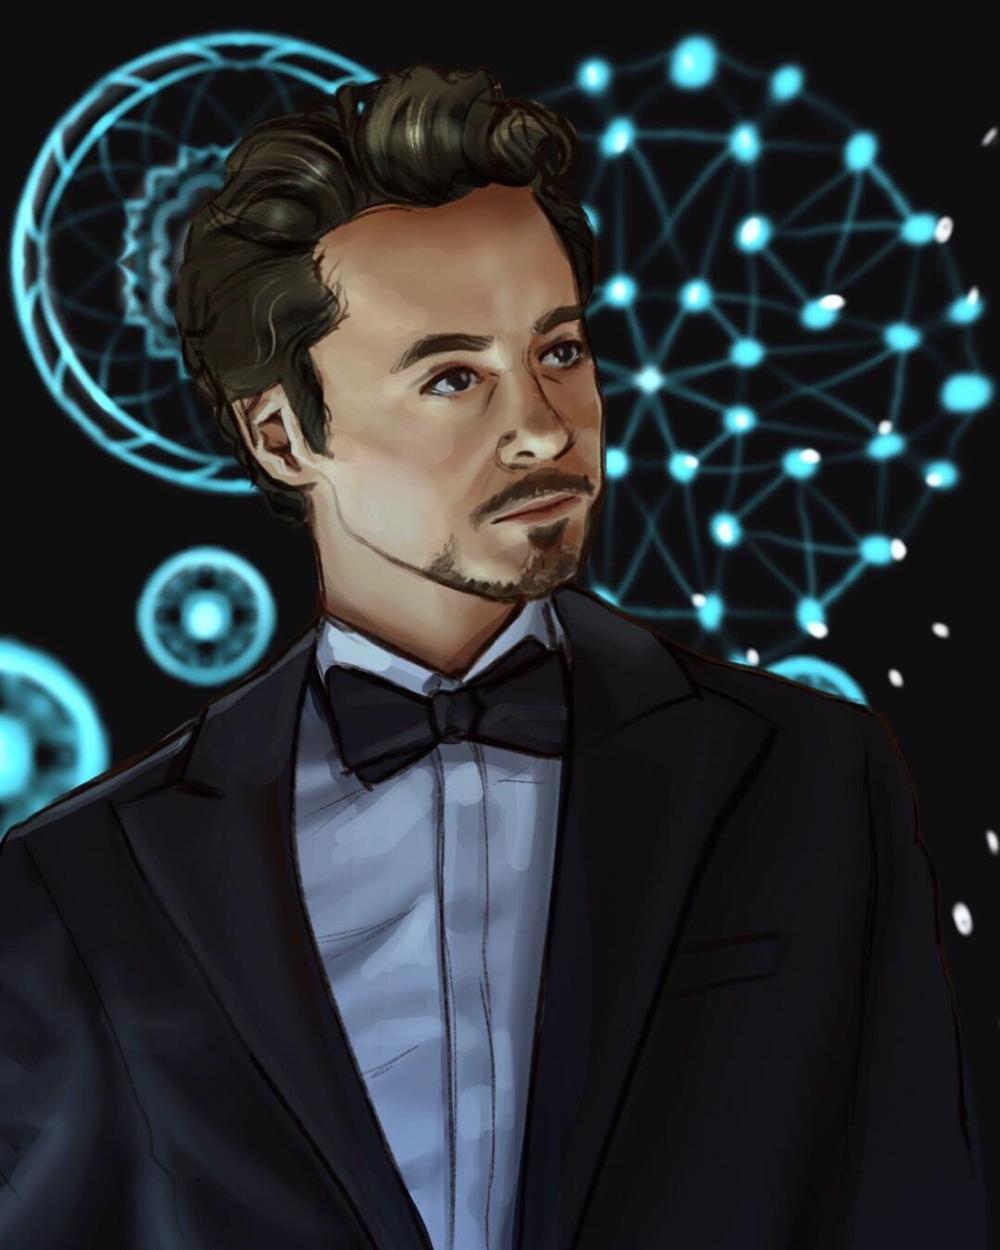 Tony Stark Has A Heart Sunavaire In 2020 Tony Stark Art Tony Stark Fanart Tony Stark